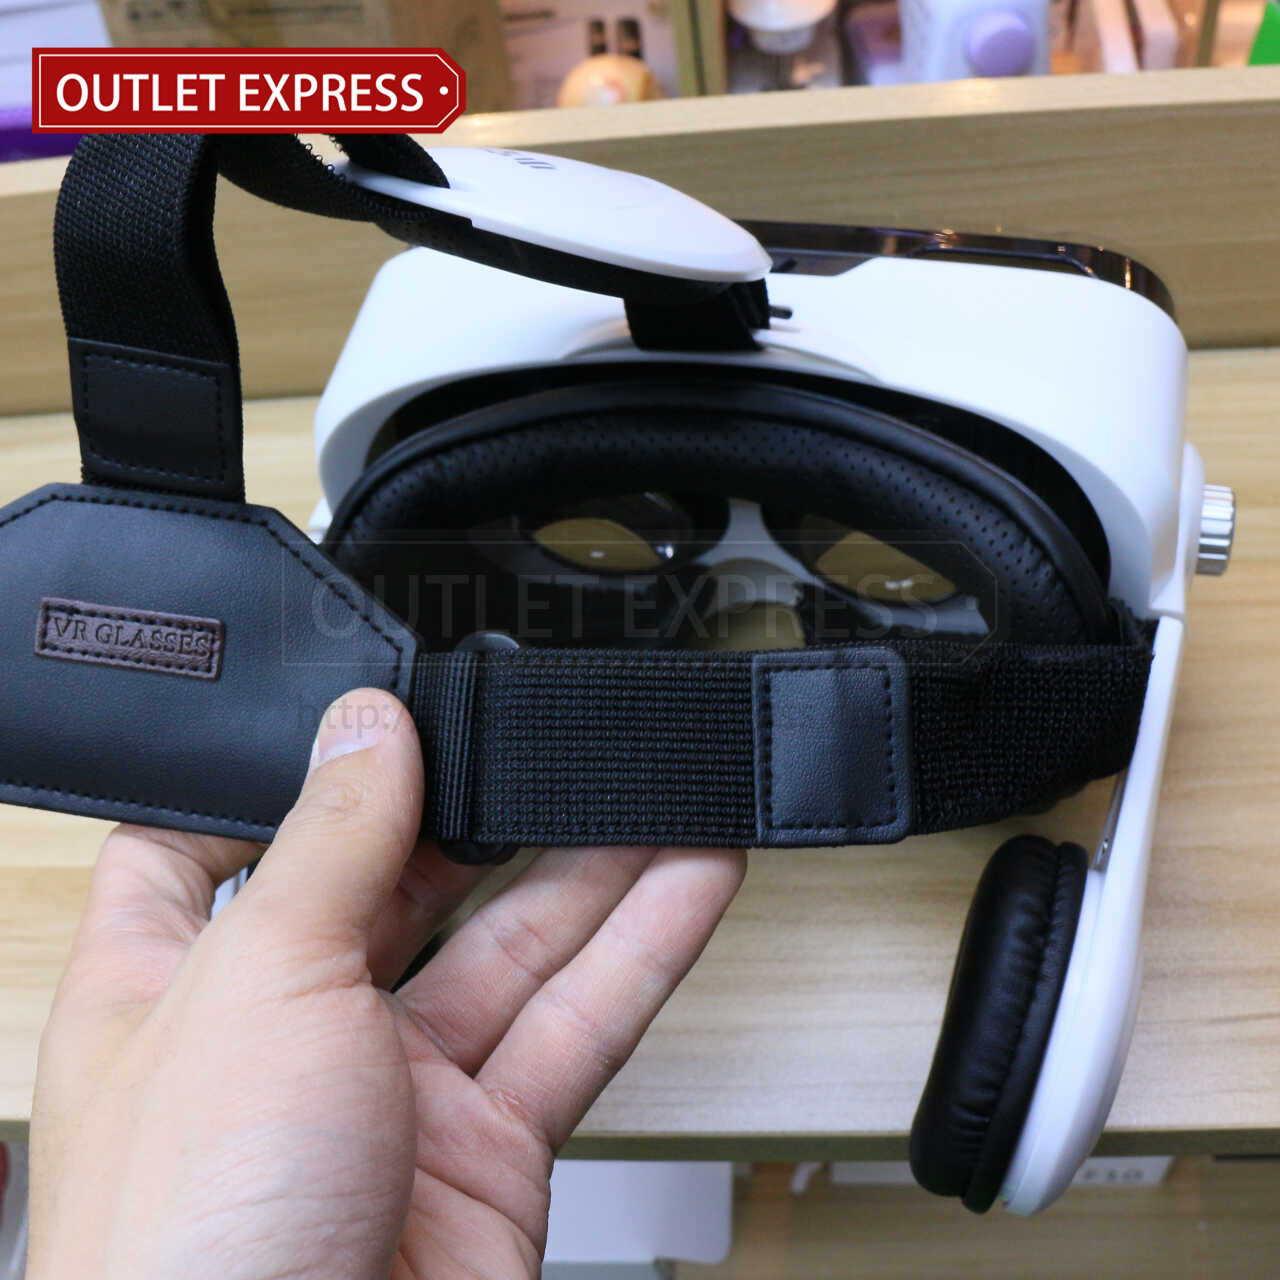 小宅魔鏡Z4 VR虛擬實境眼鏡- Outlet Express HK生活百貨城實拍相片